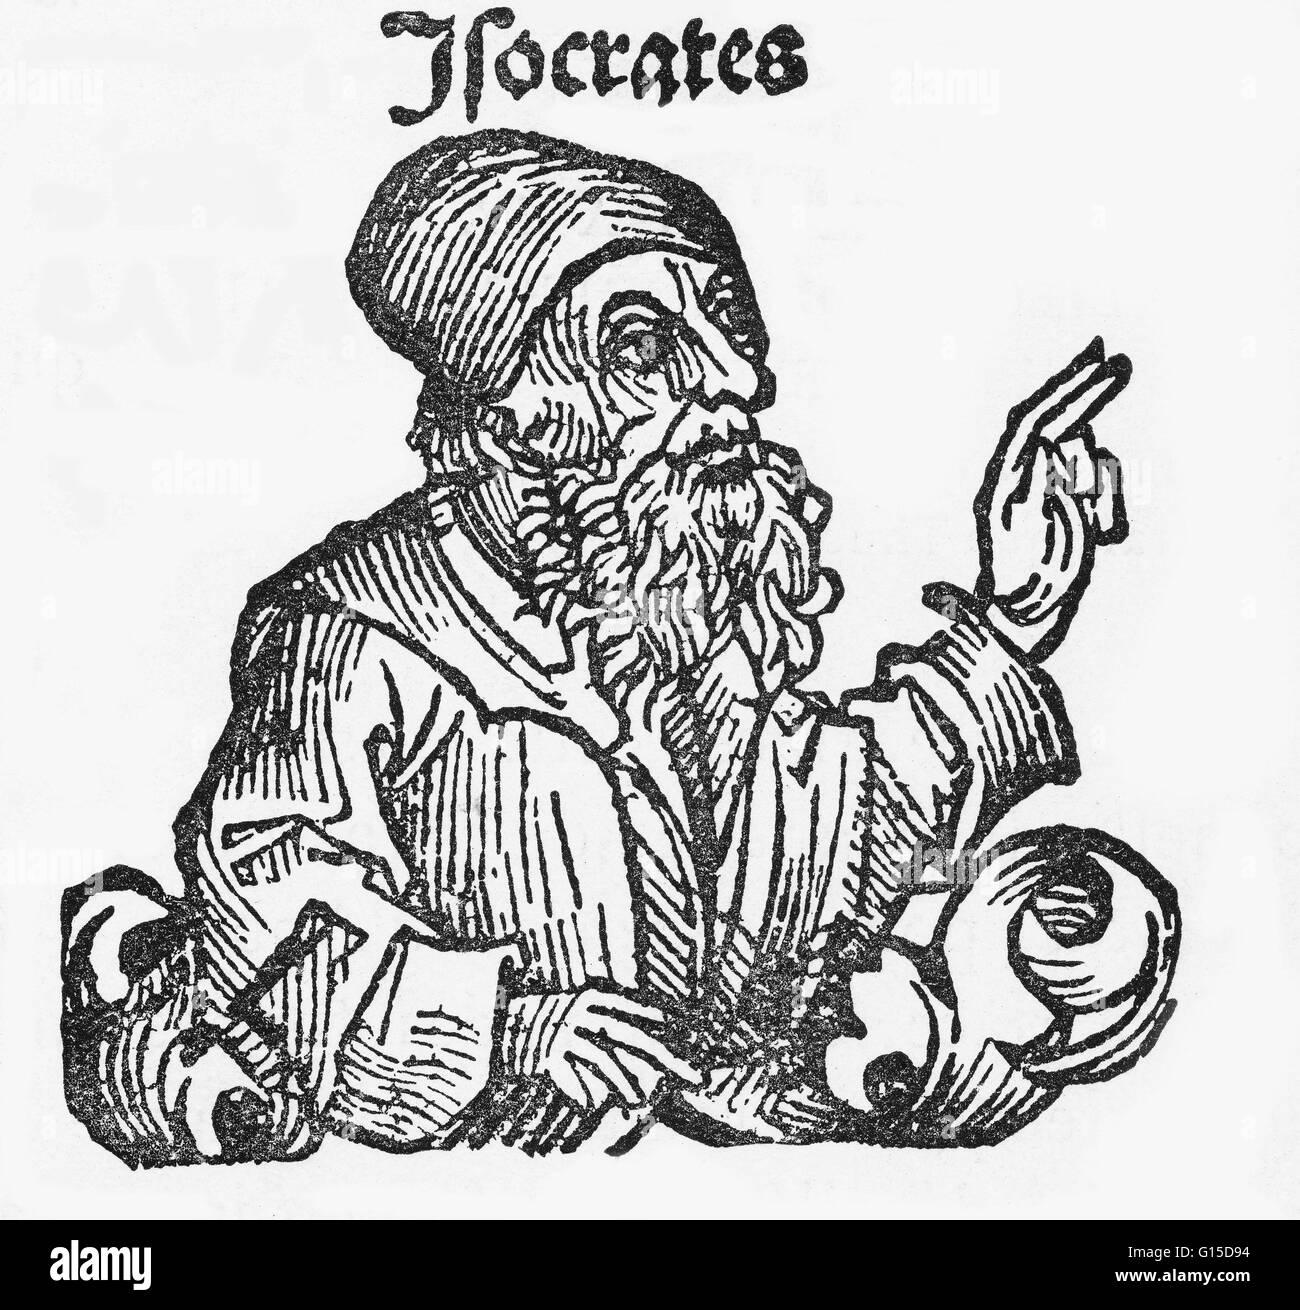 Sokrates (469-399 v. Chr.) war ein klassischer griechischer Athener Philosoph. Als einer der Begründer der abendländischen Stockfoto